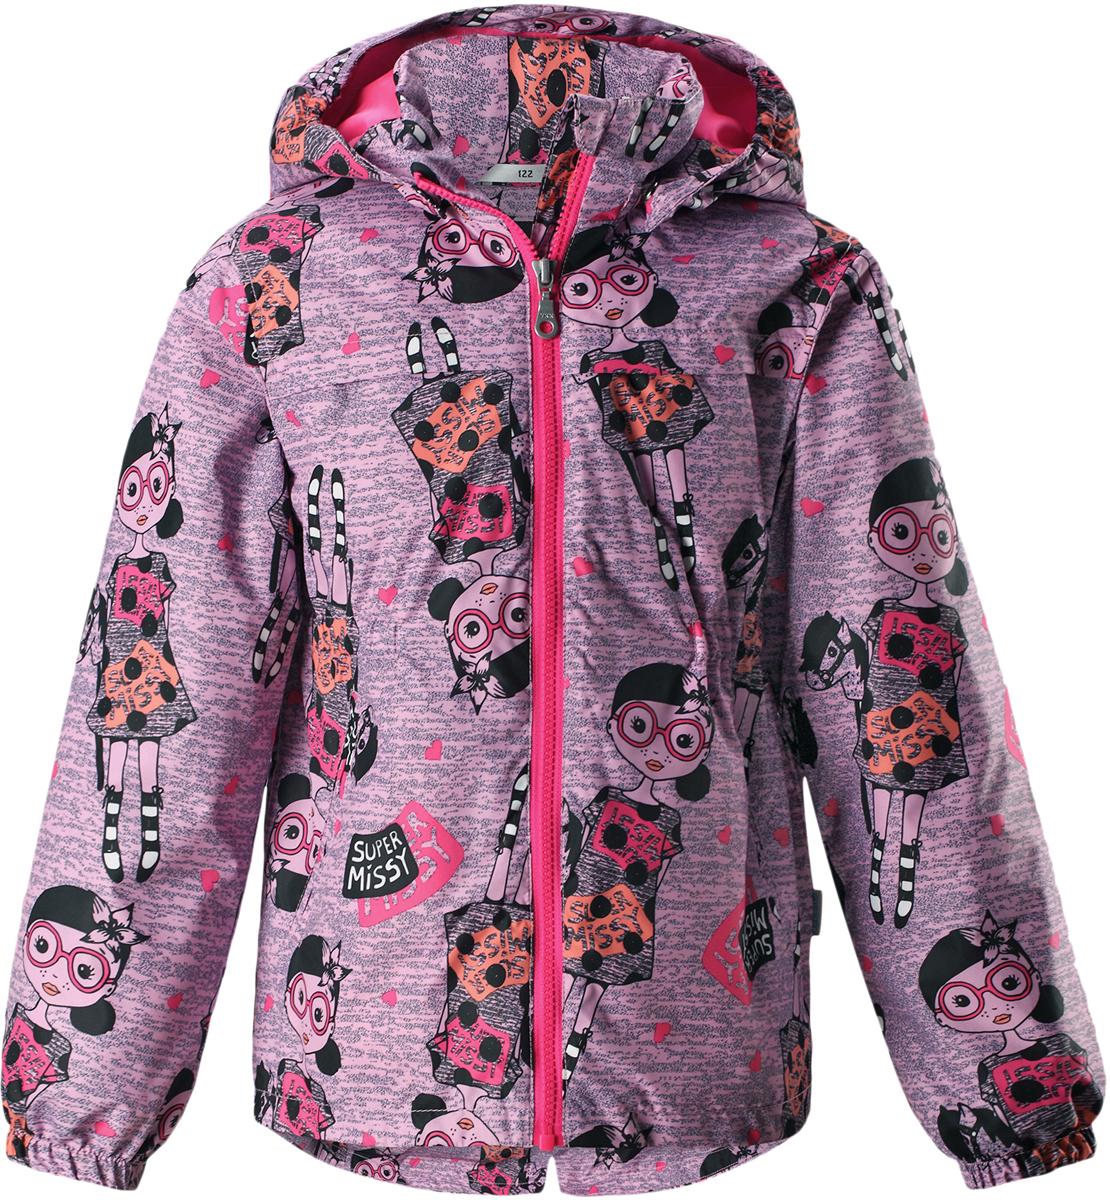 Куртка для девочки Lassie, цвет: розовый. 721724R4161. Размер 104721724R4161Детская куртка Lassie идеально подойдет для ребенка в холодное время года. Куртка изготовлена из водоотталкивающей и ветрозащитной ткани. Материал отличается высокой устойчивостью к трению, благодаря специальной обработке полиуретаном поверхность изделия отталкивает грязь и воду, что облегчает поддержание аккуратного вида одежды, дышащее покрытие с изнаночной части не раздражает даже самую нежную и чувствительную кожу ребенка, обеспечивая ему наибольший комфорт. Куртка застегивается на пластиковую застежку-молнию с защитой подбородка, благодаря чему ее легко надевать и снимать. Края рукавов дополнены неширокими эластичными манжетами. Спереди куртка дополнена двумя прорезными кармашками. Также модель дополнена светоотражающими элементами для безопасности в темное время суток. Все швы проклеены, не пропускают влагу и ветер.